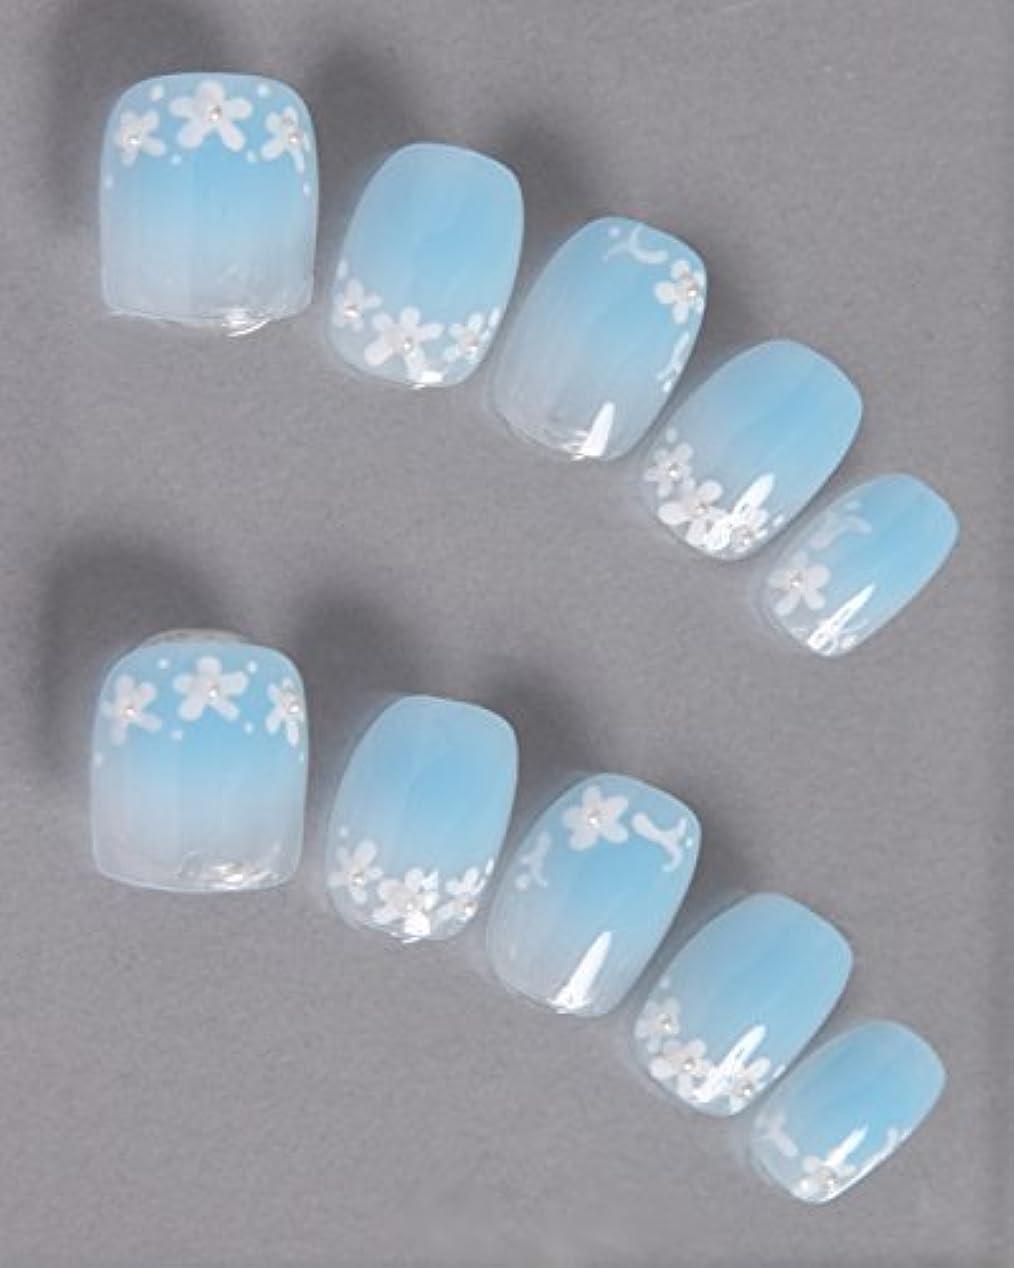 クラシック豊富スクレーパーゆずネイル ネイルチップ 薄ブルー 花 シンプル ガーリー(A10026-Q-CGS)